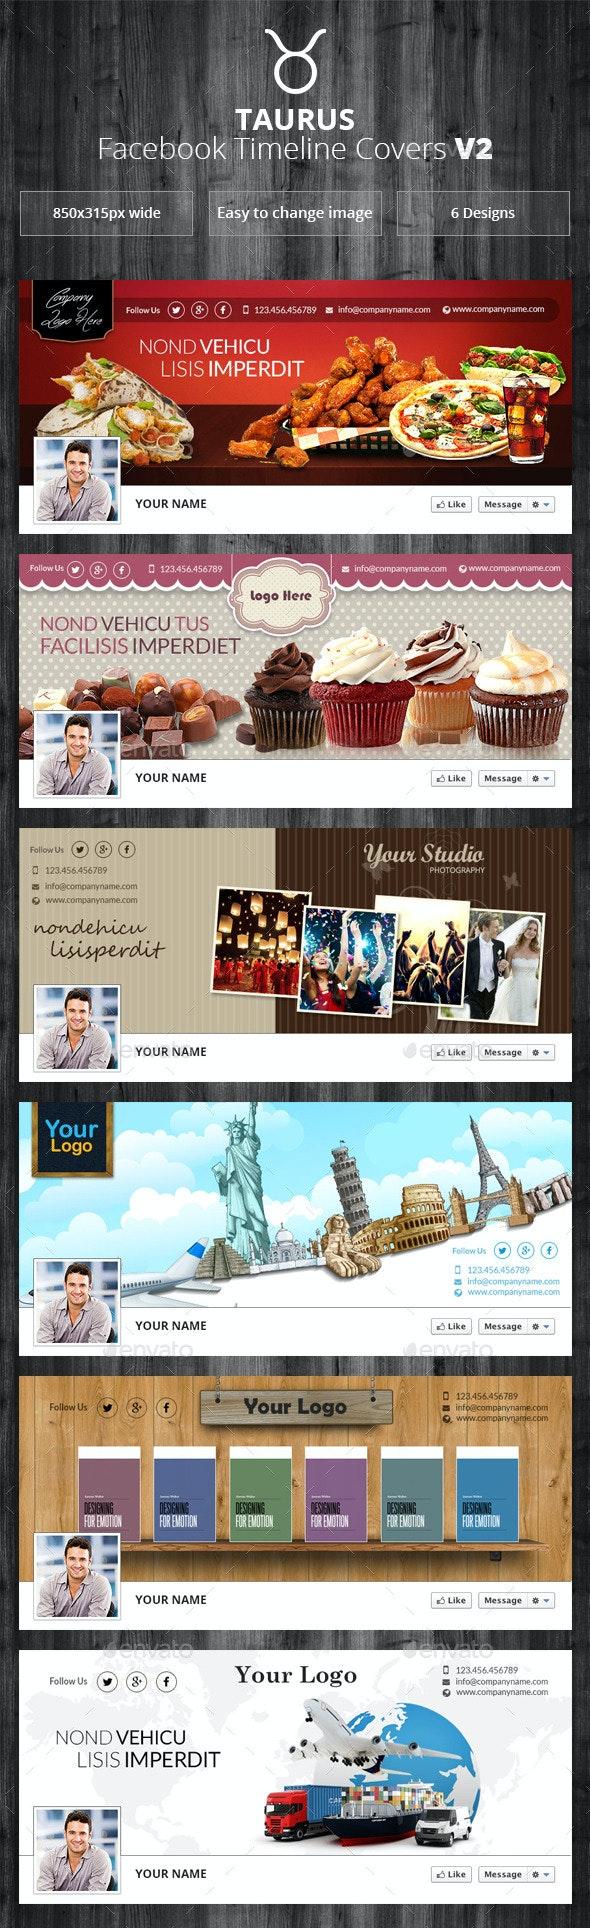 Taurus - Facebook Timeline Covers V2 - Facebook Timeline Covers Social Media